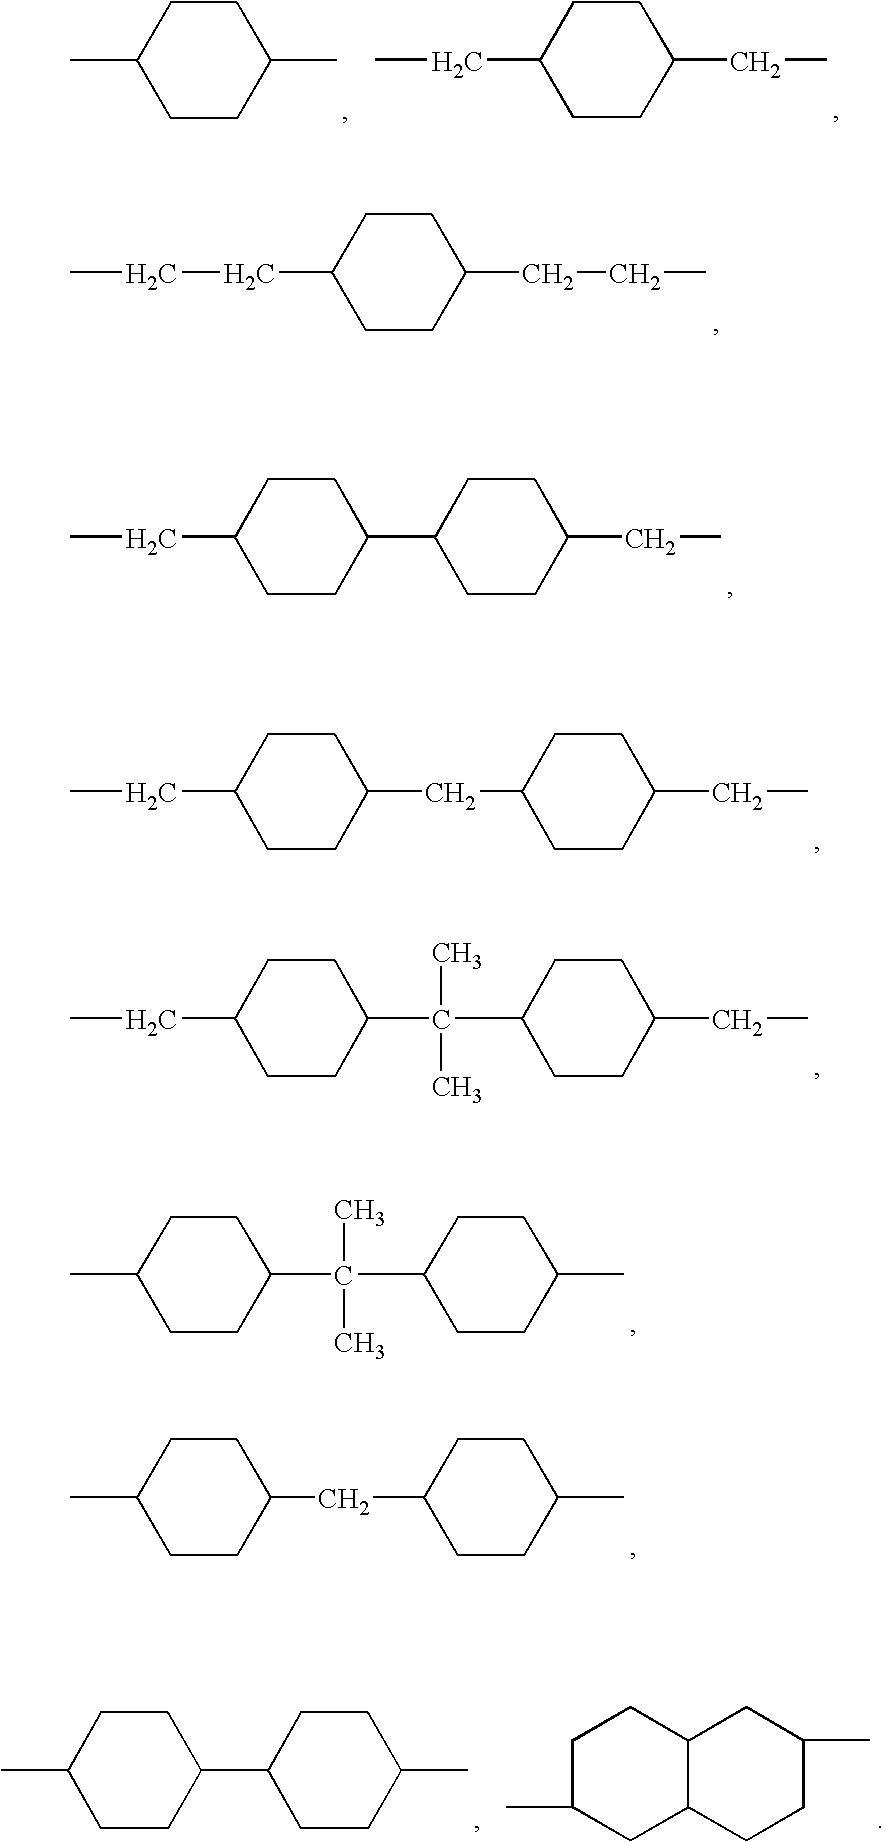 Figure US20070232739A1-20071004-C00019